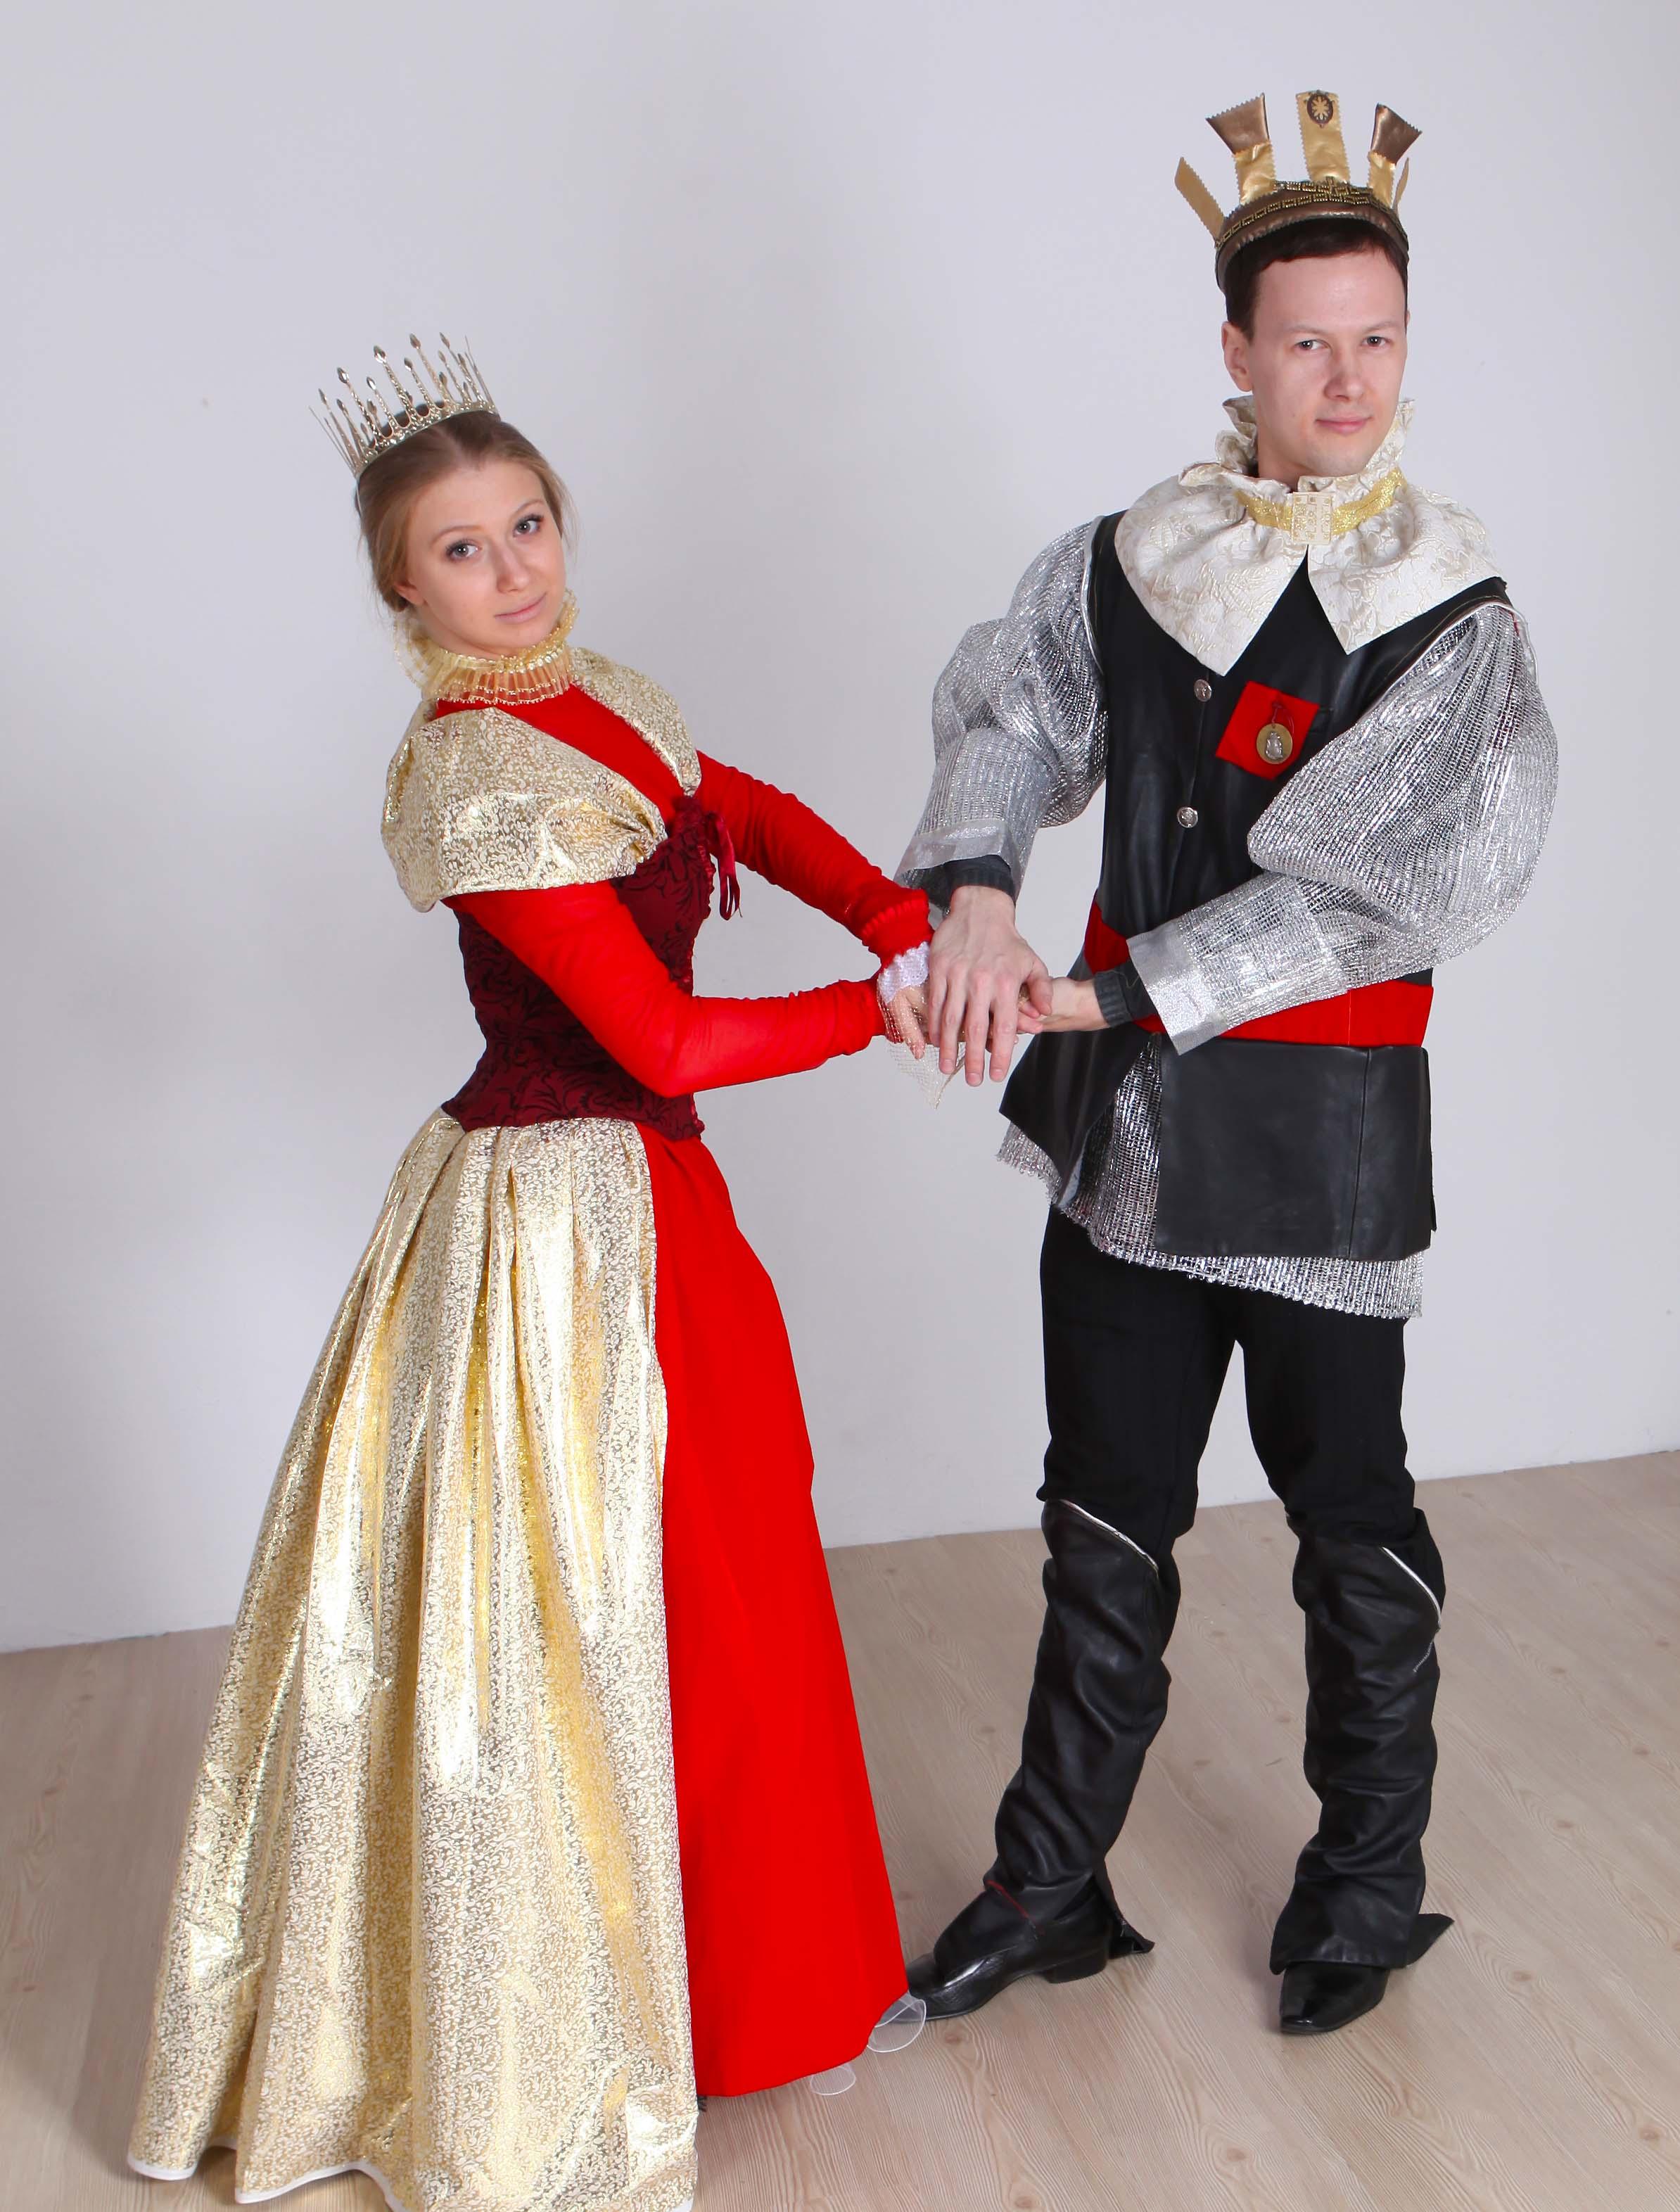 СанктПетербург  Russia  Прокат карнавальных костюмов